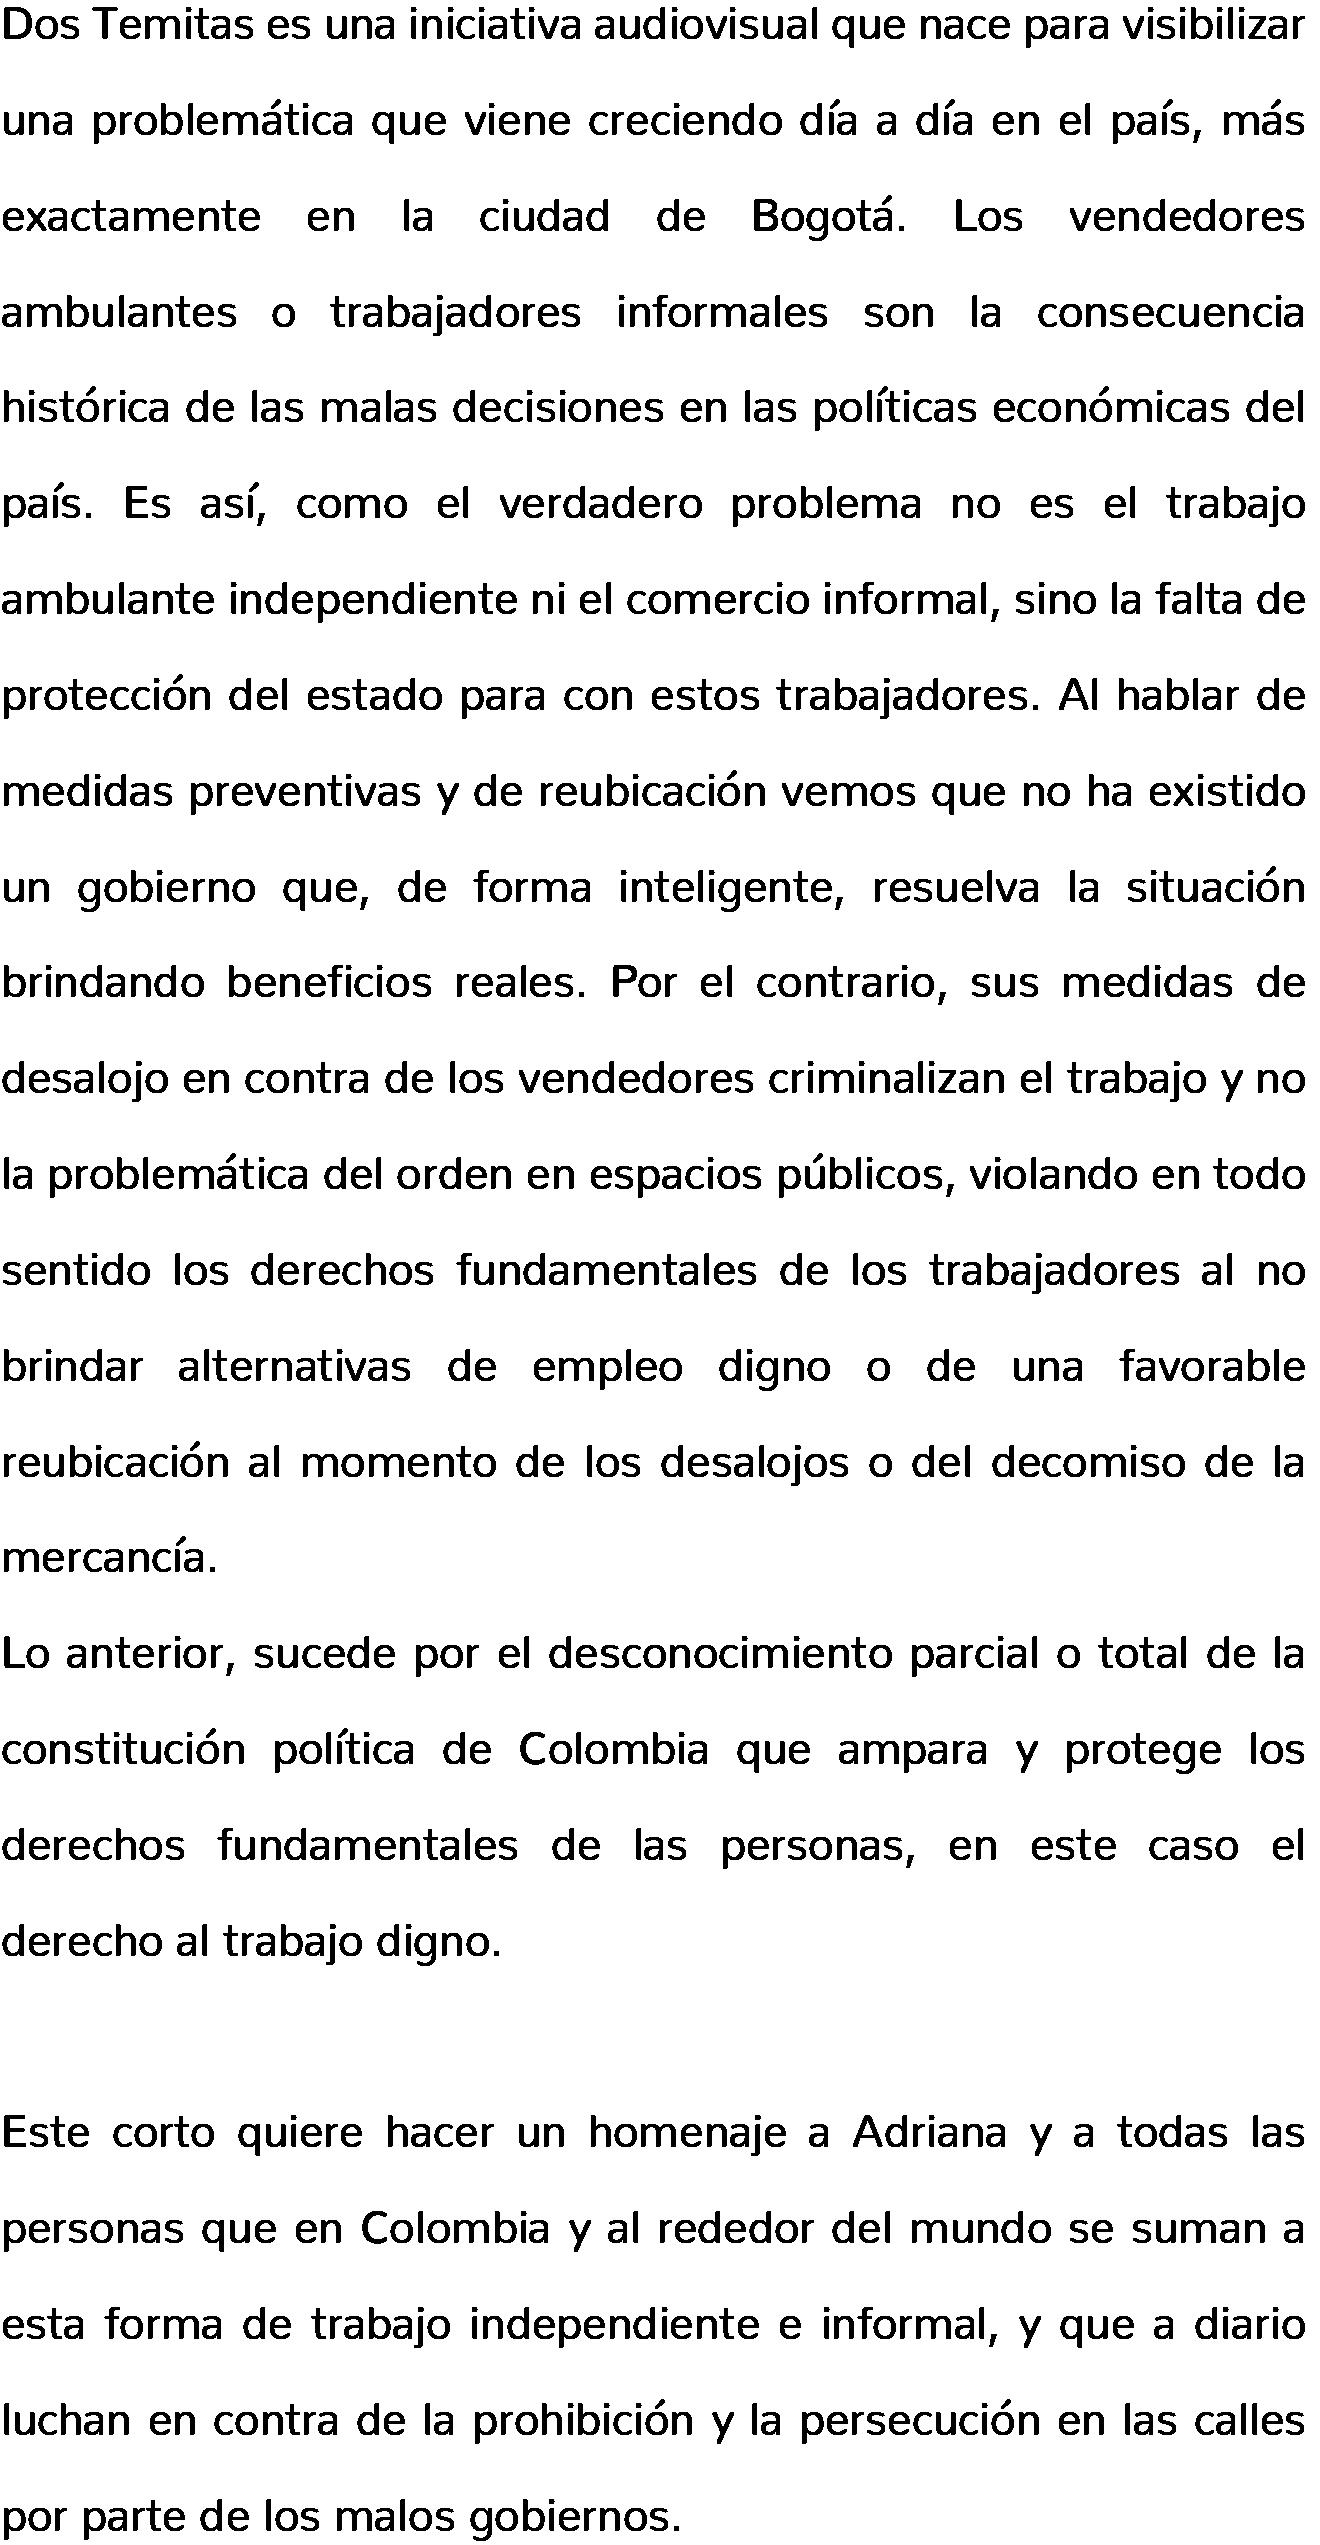 DOSTEMITASTEXTO4.png